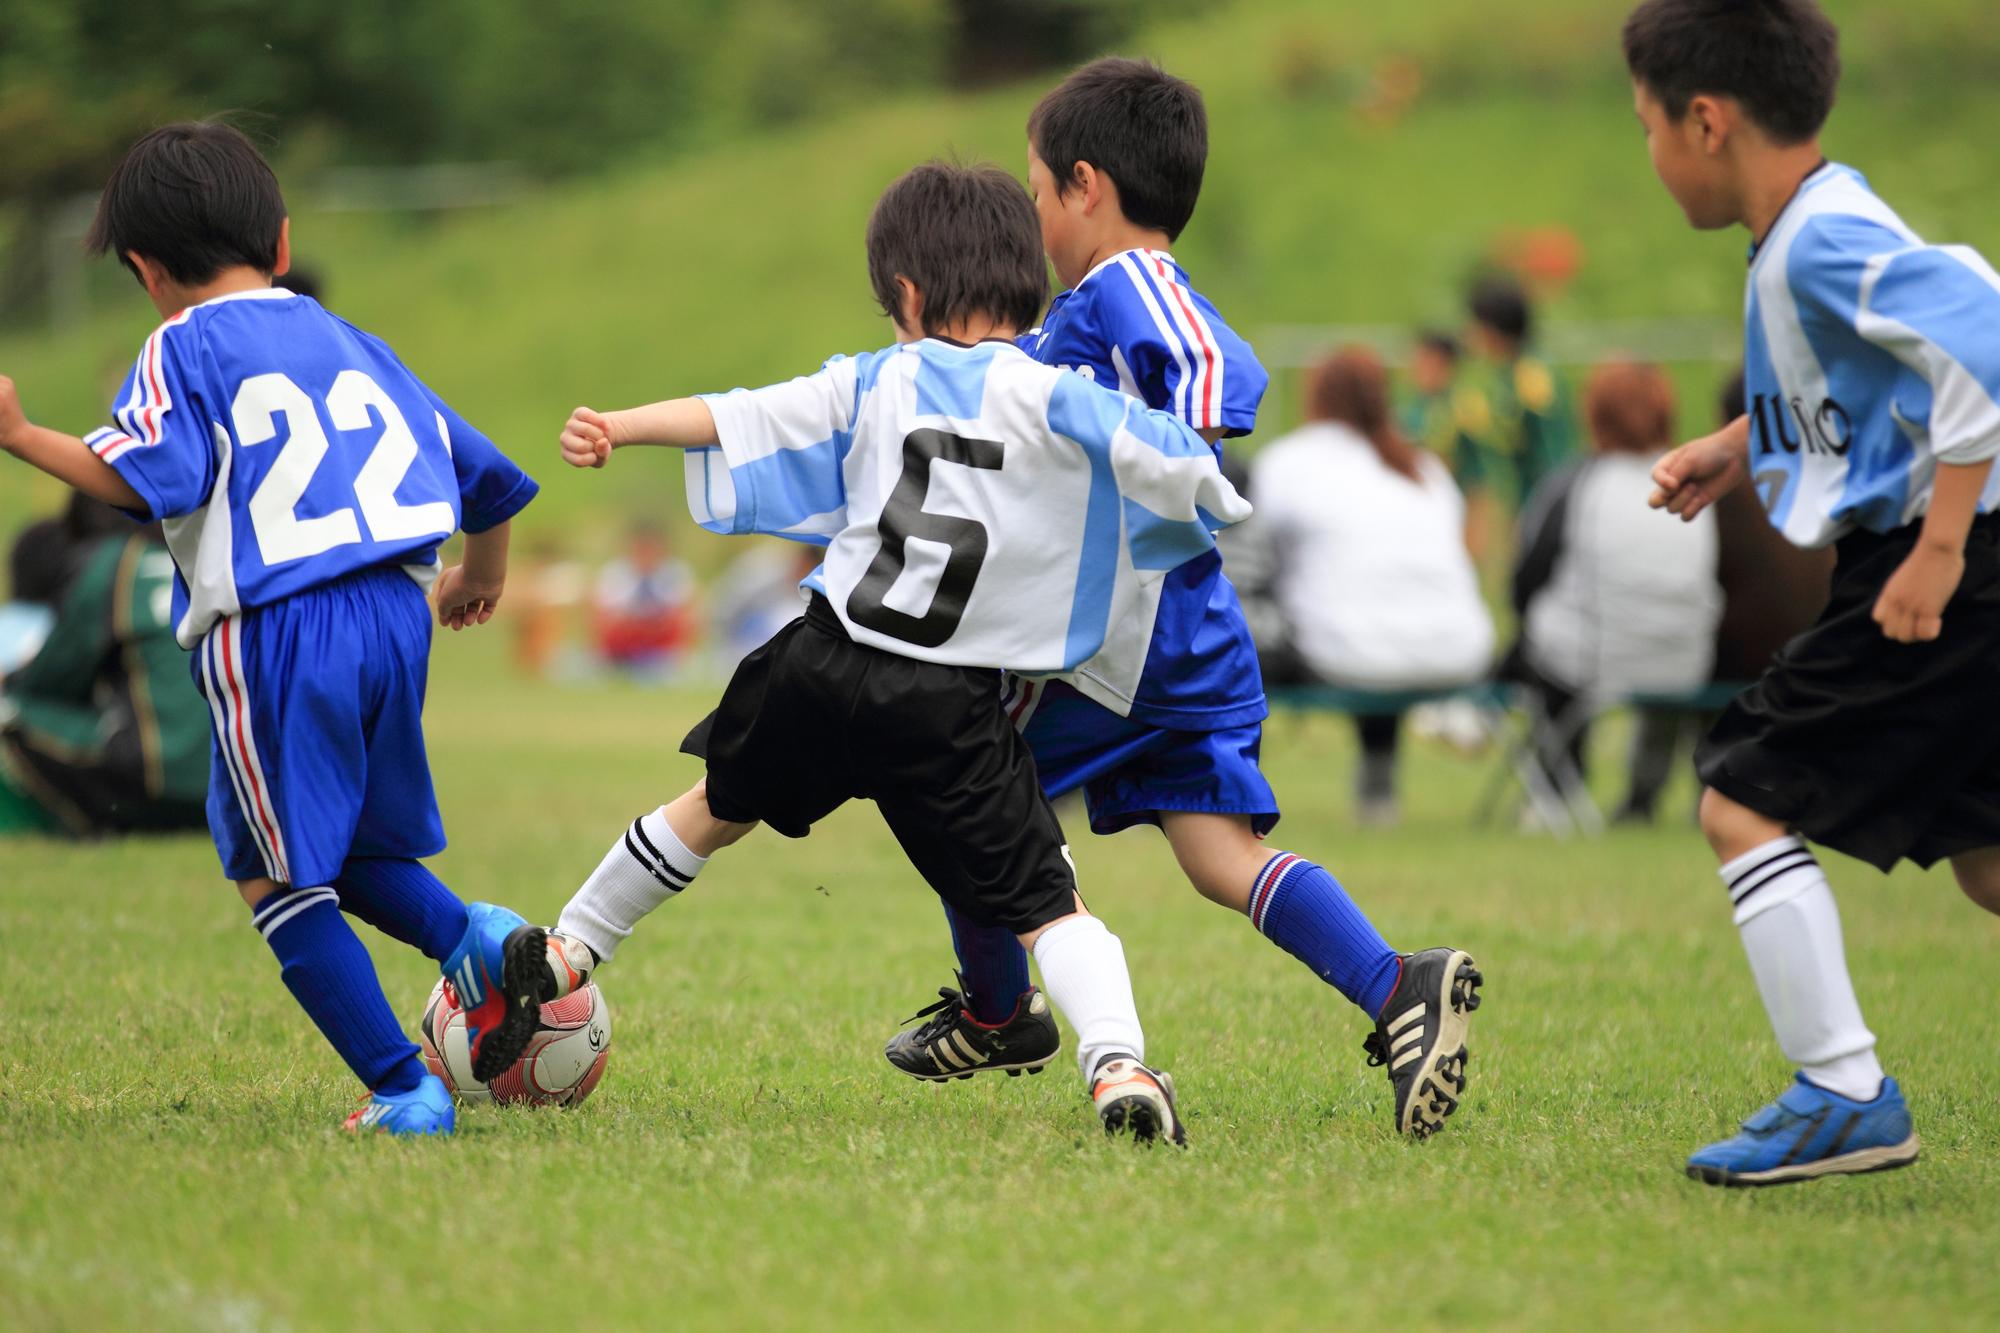 サッカースクール幼児に習わせたいスポーツ